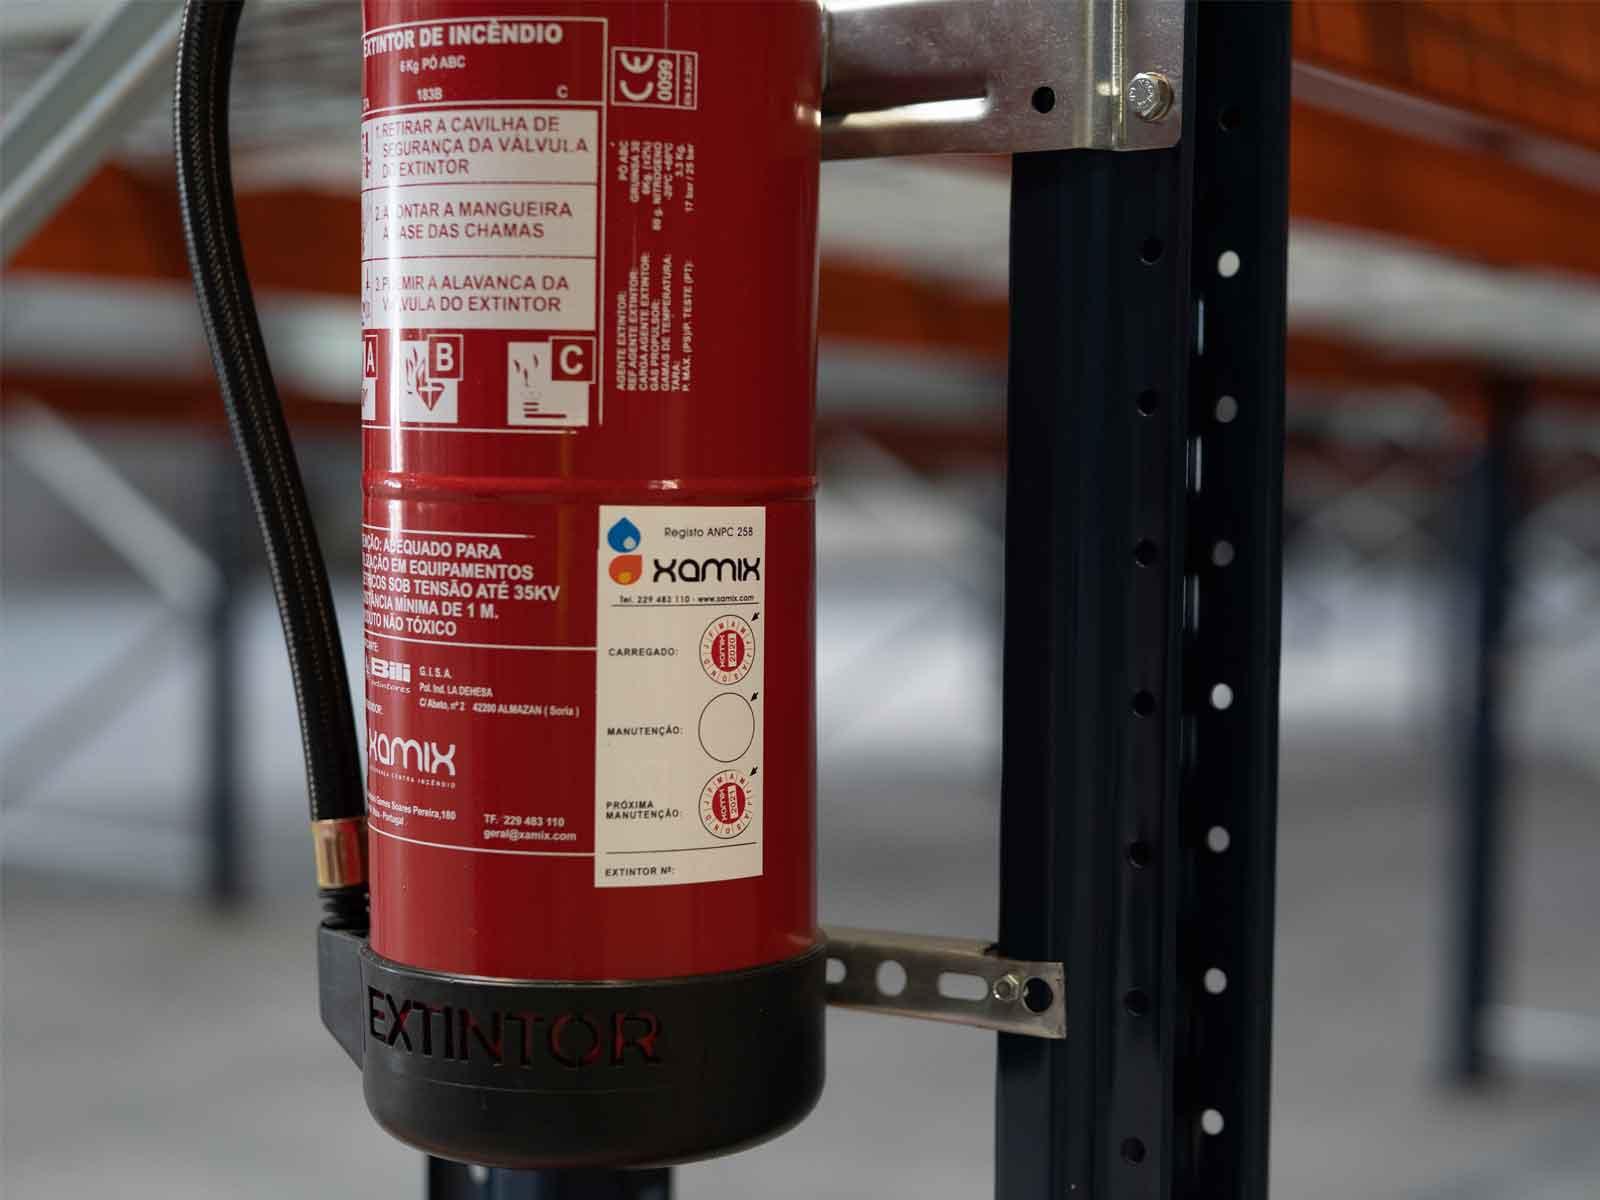 Manutenção-a-Extintores-e-instalações-de-Segurança---Xamix